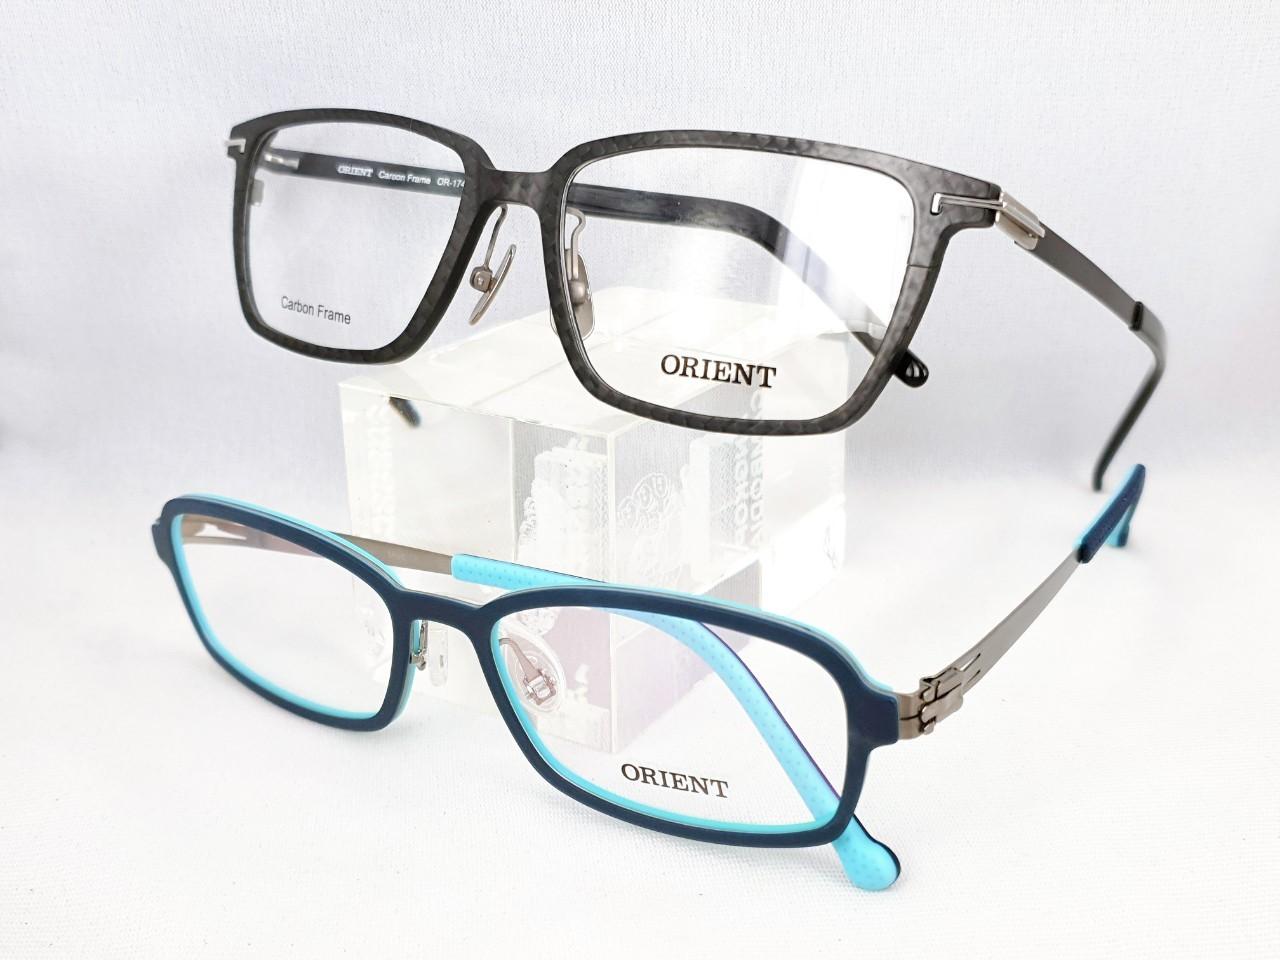 民視眼鏡品牌Orient_200102_0002